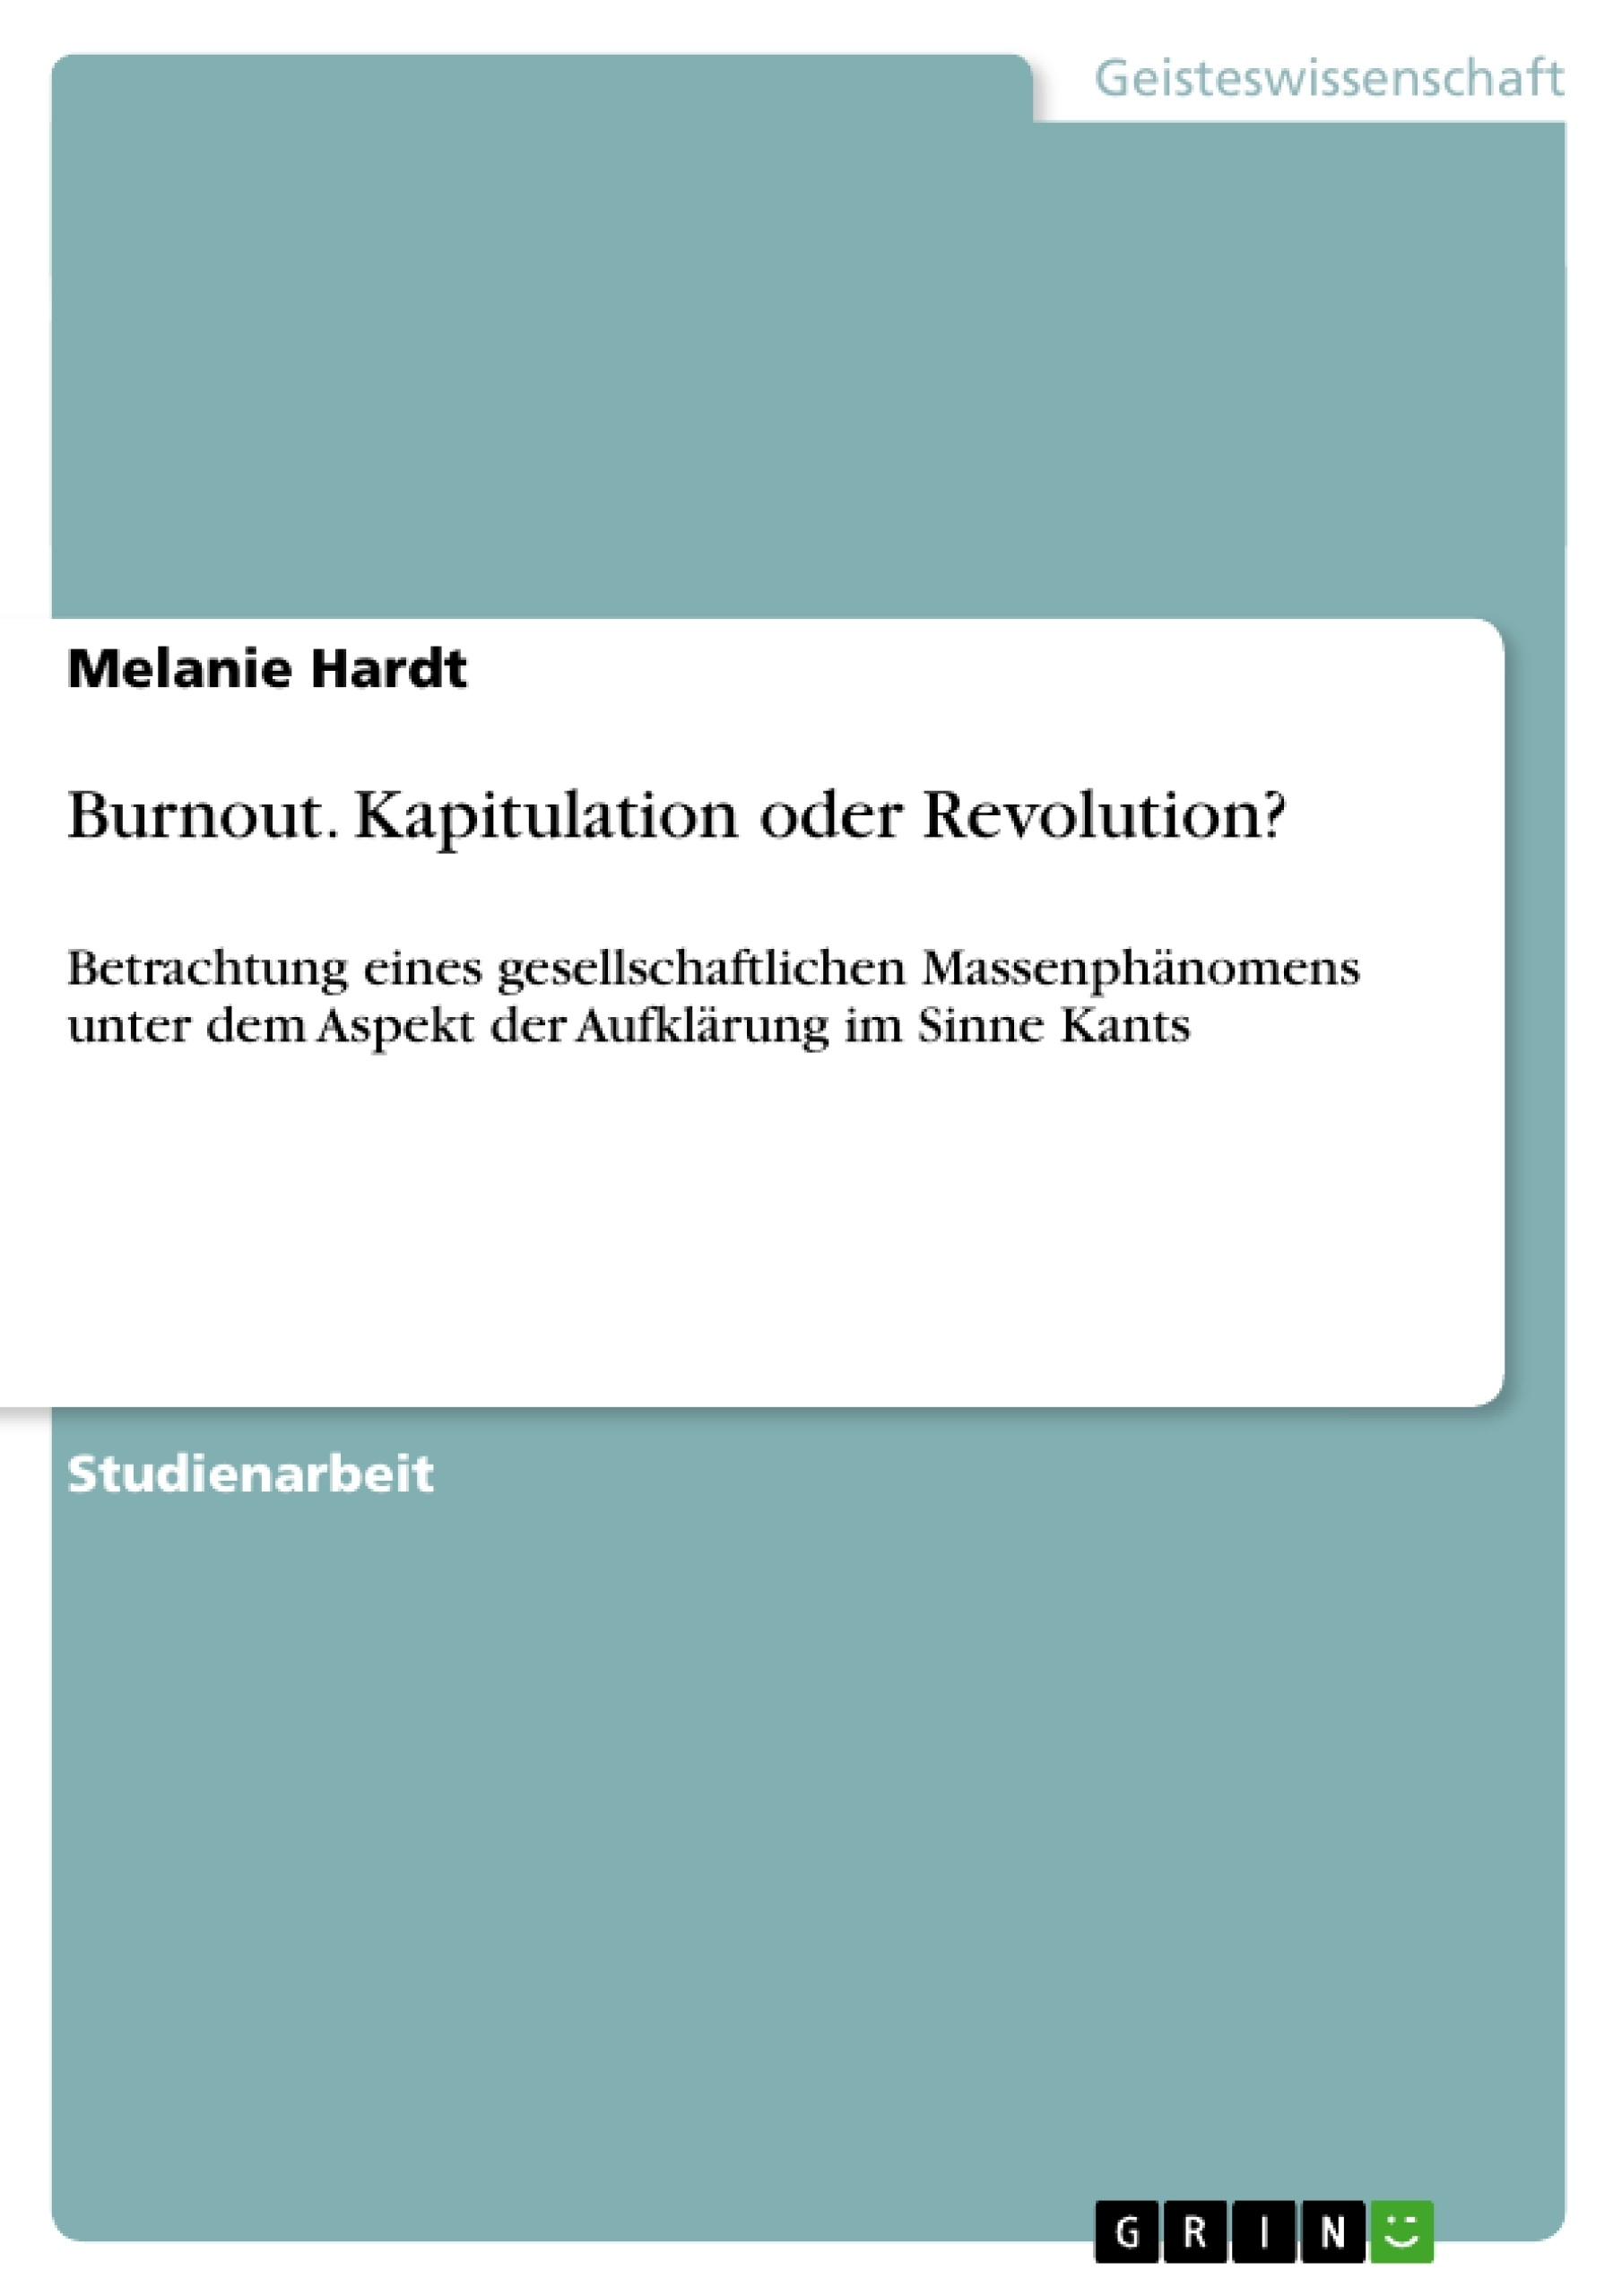 Titel: Burnout. Kapitulation oder Revolution?